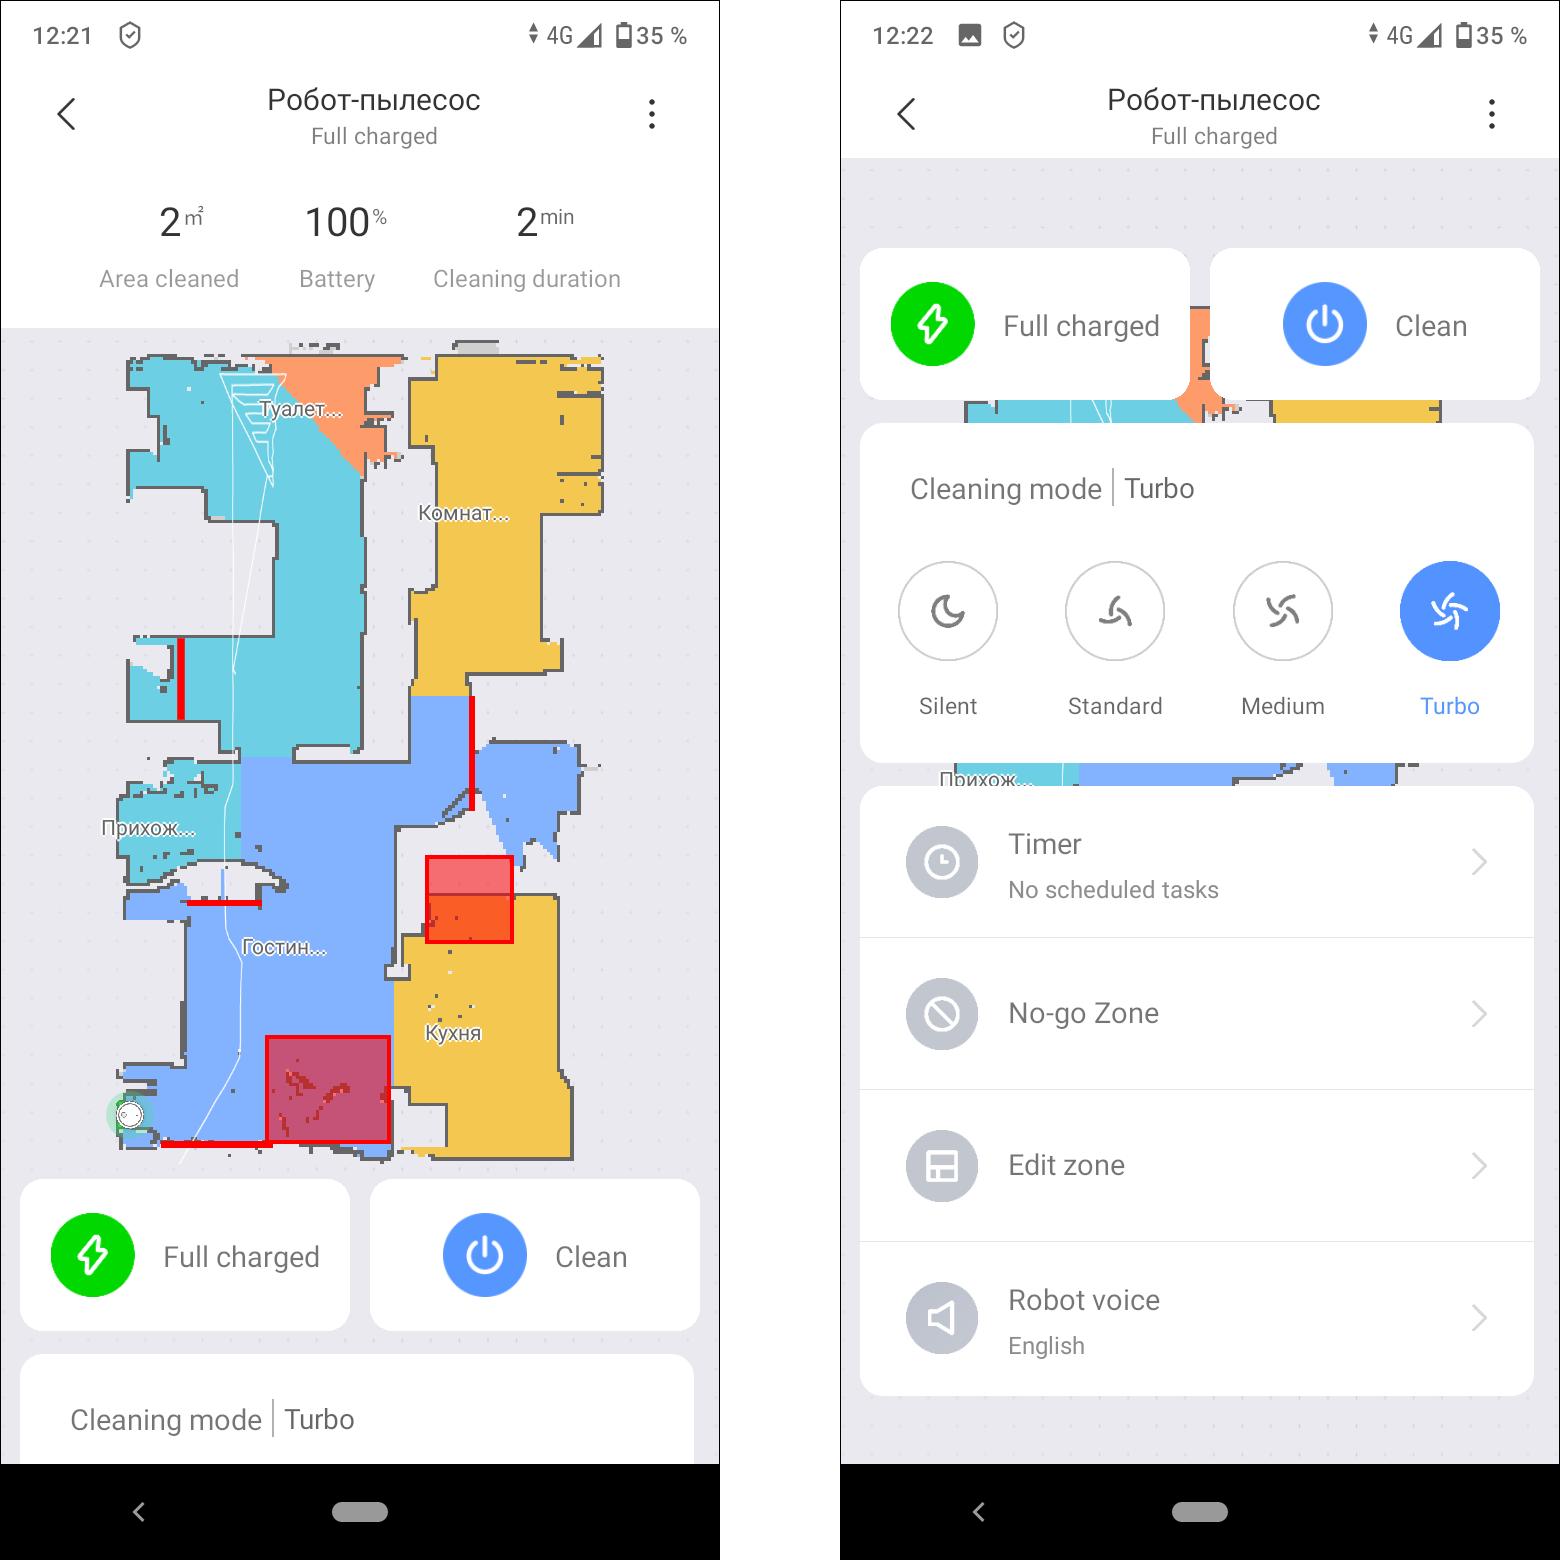 Приложение Mi Home (красным на карте выделены заградительные области для робота)